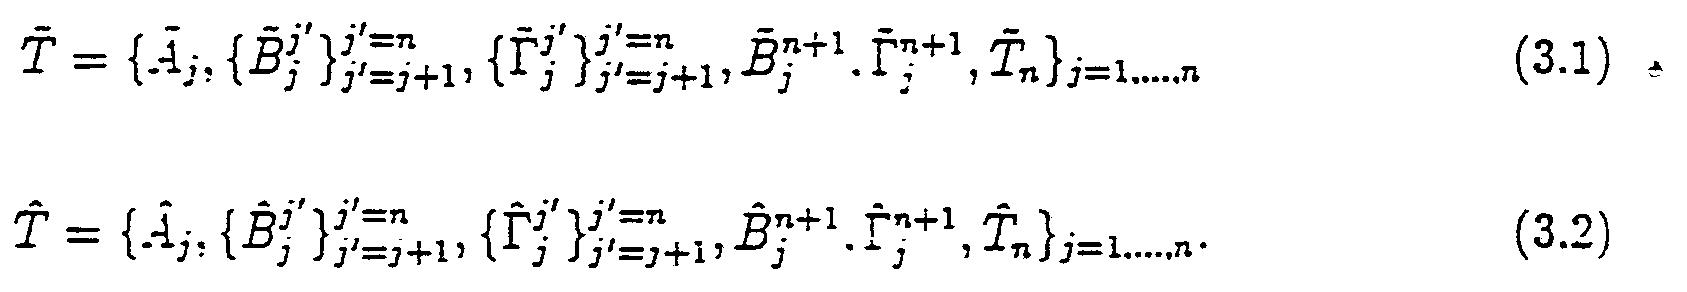 Figure imgf000068_0011